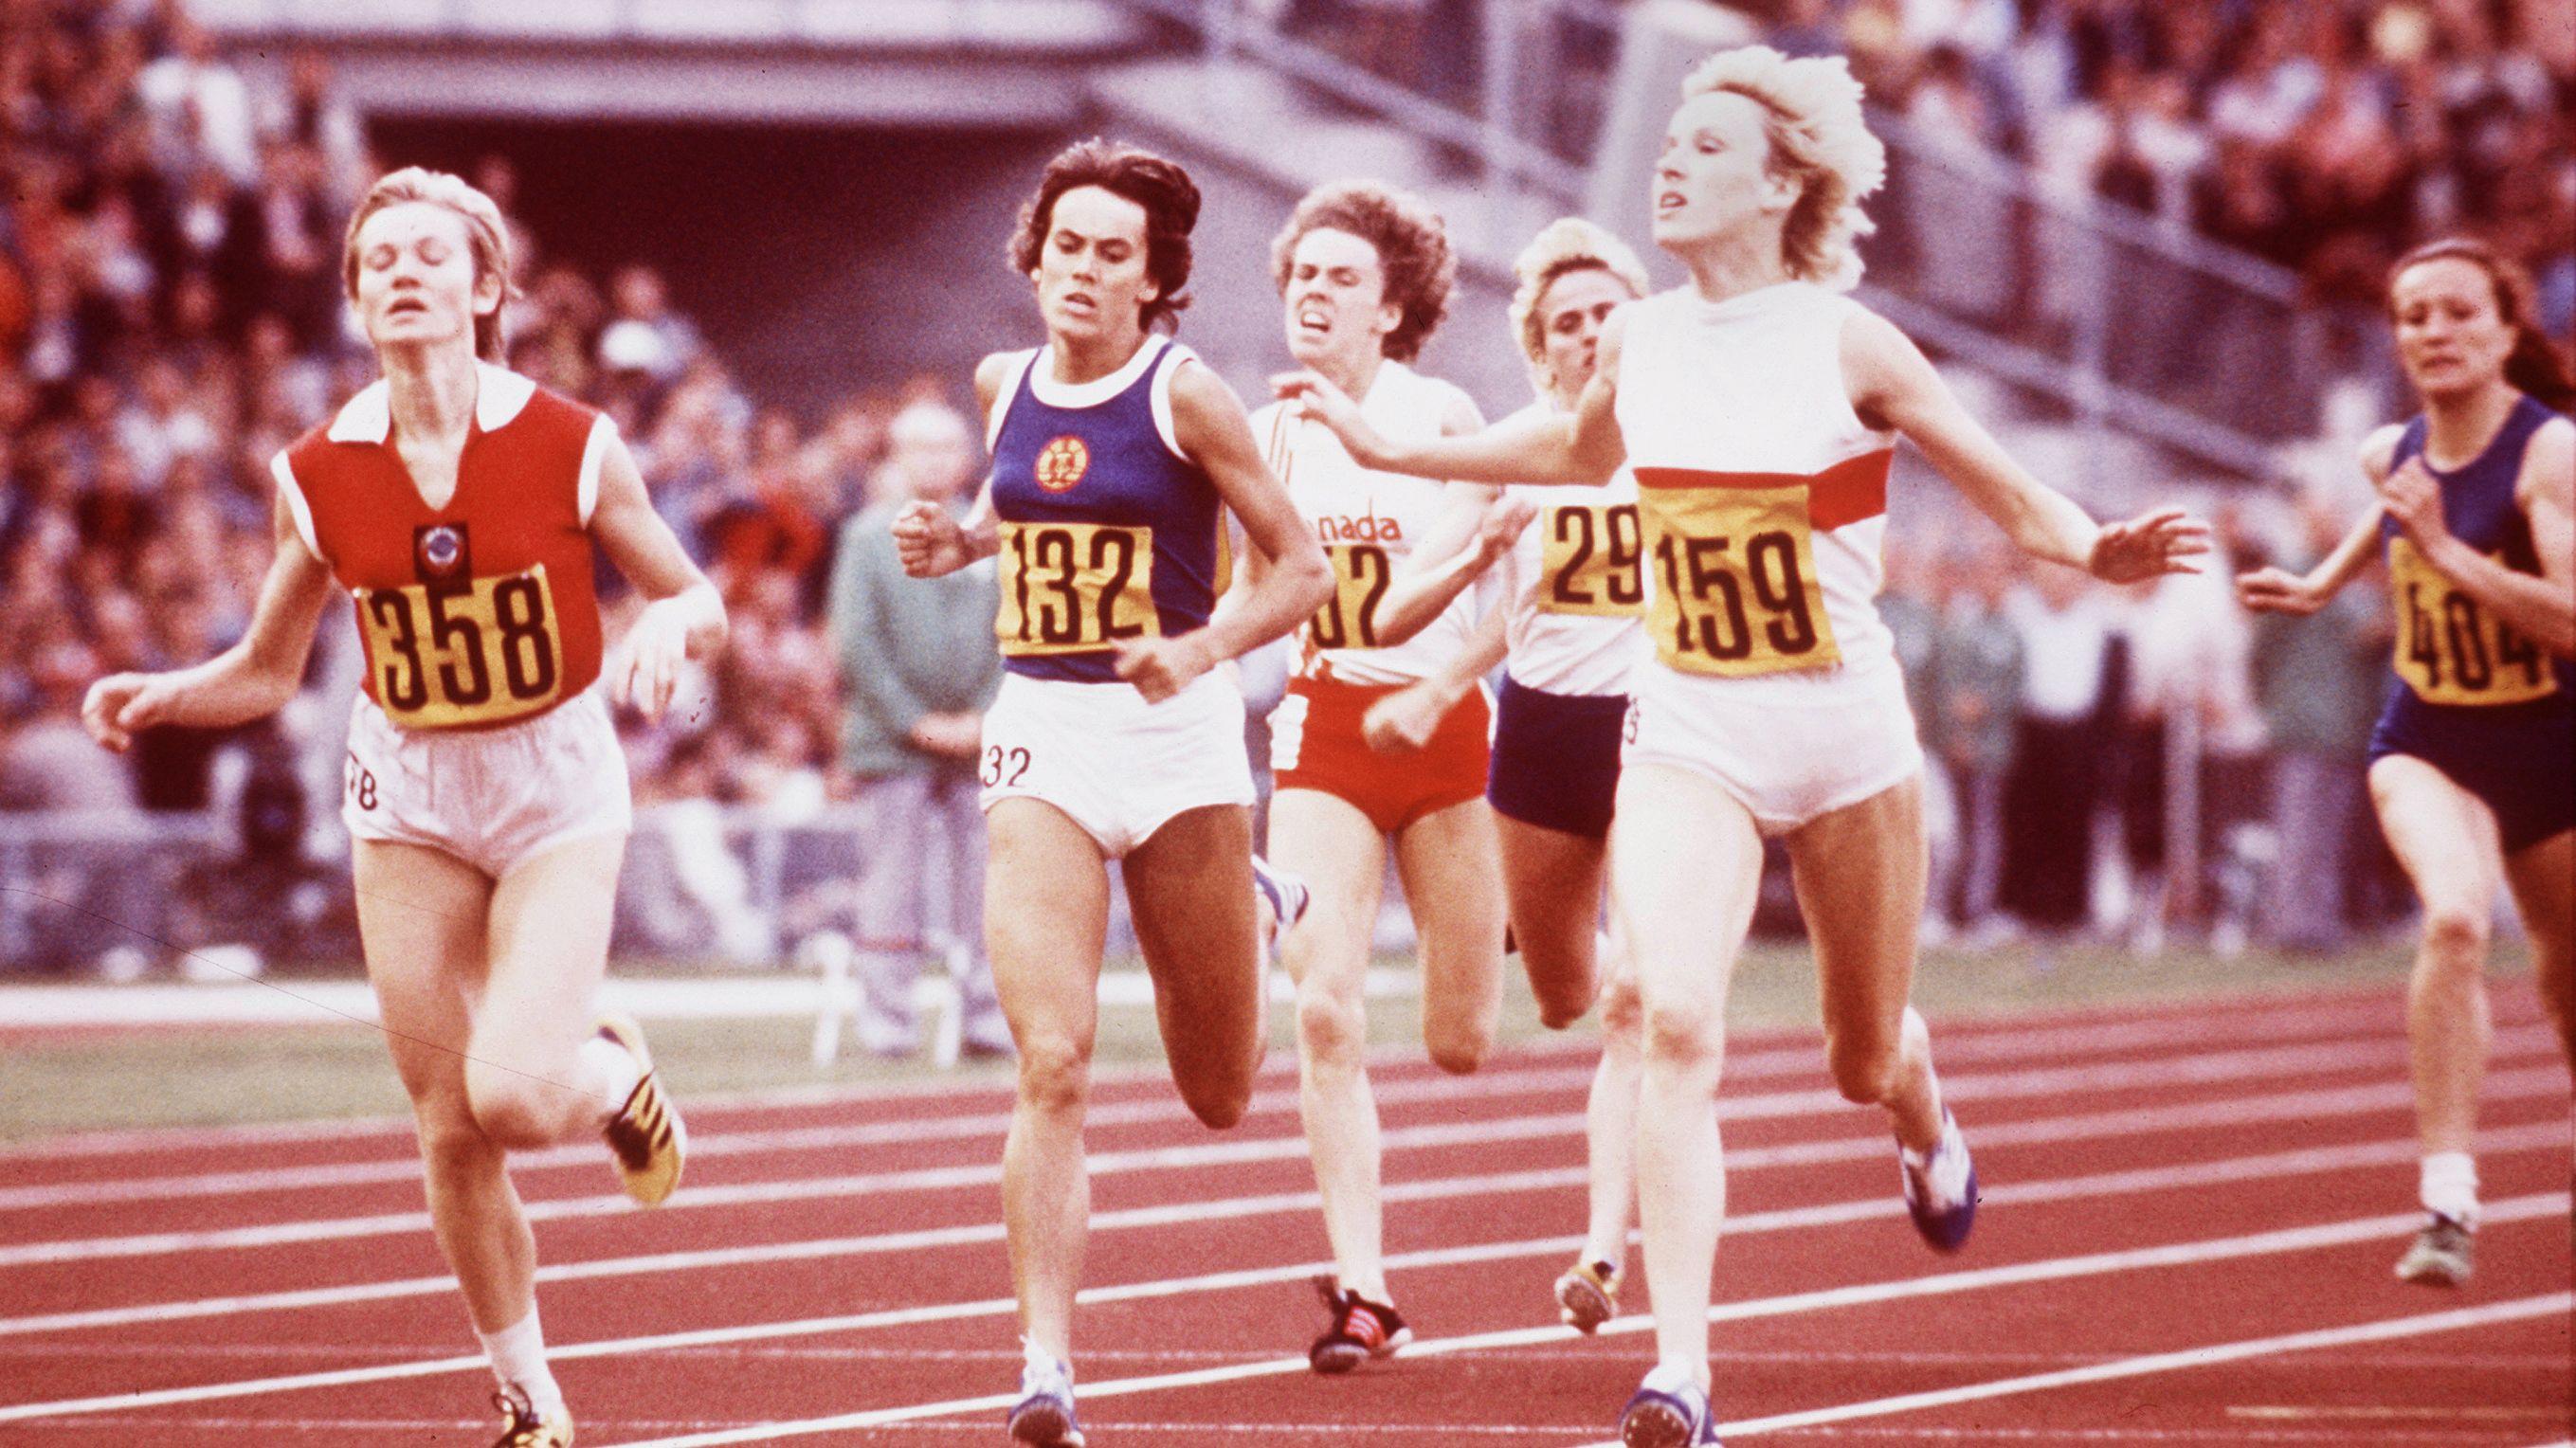 Zieleinlauf beim olympischen 800-Meter-Rennen der Frauen 1972